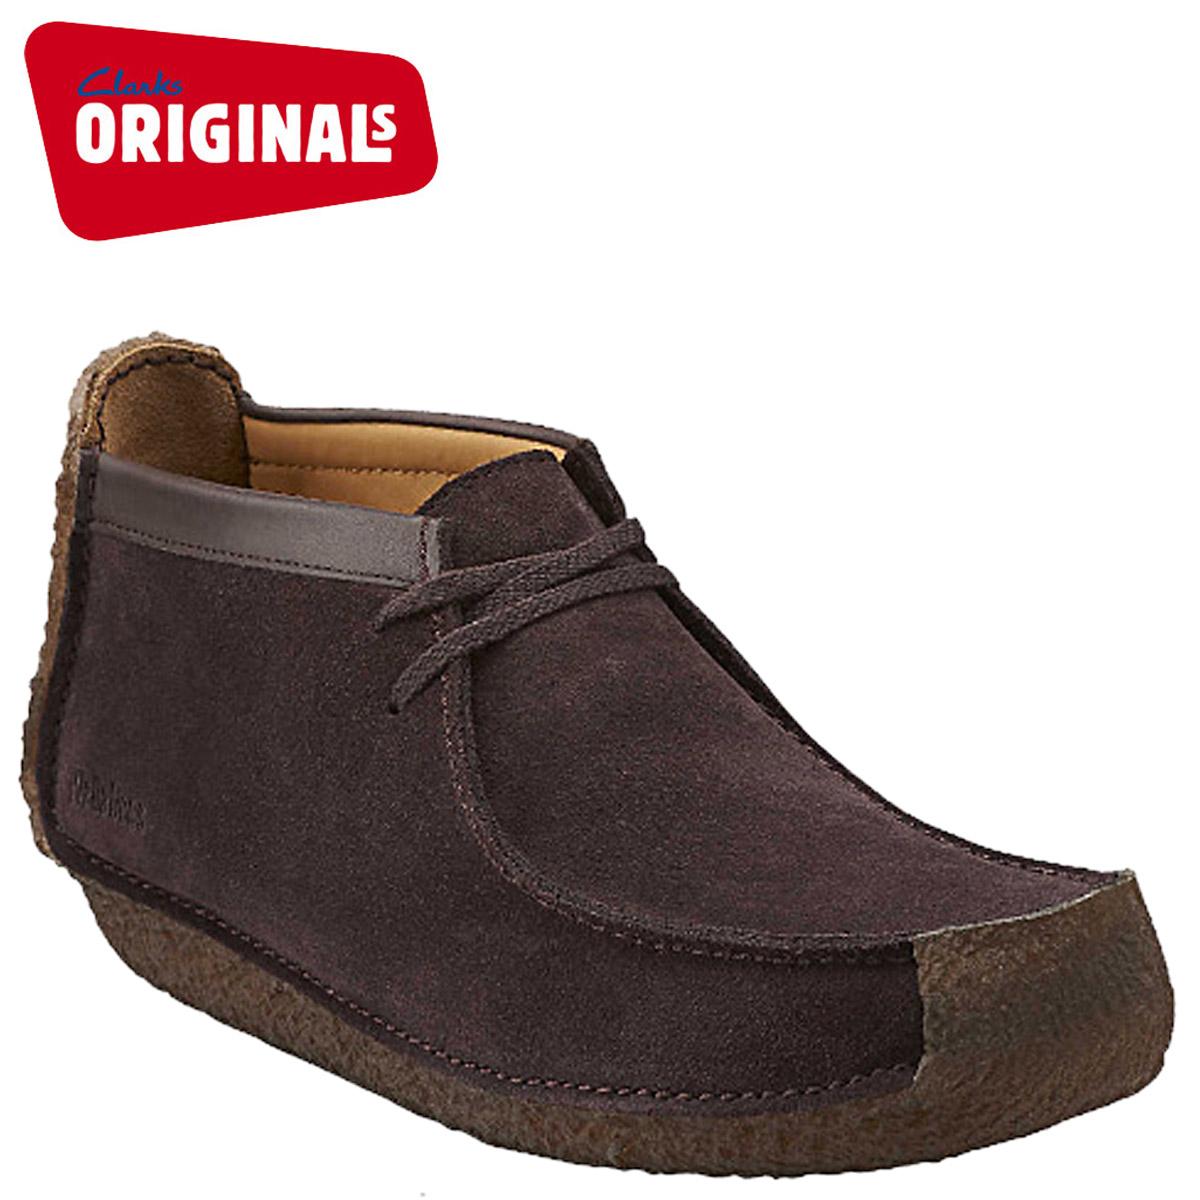 Anguilla (Englisch)) Schuhe Herren Trickers Crepe Sole